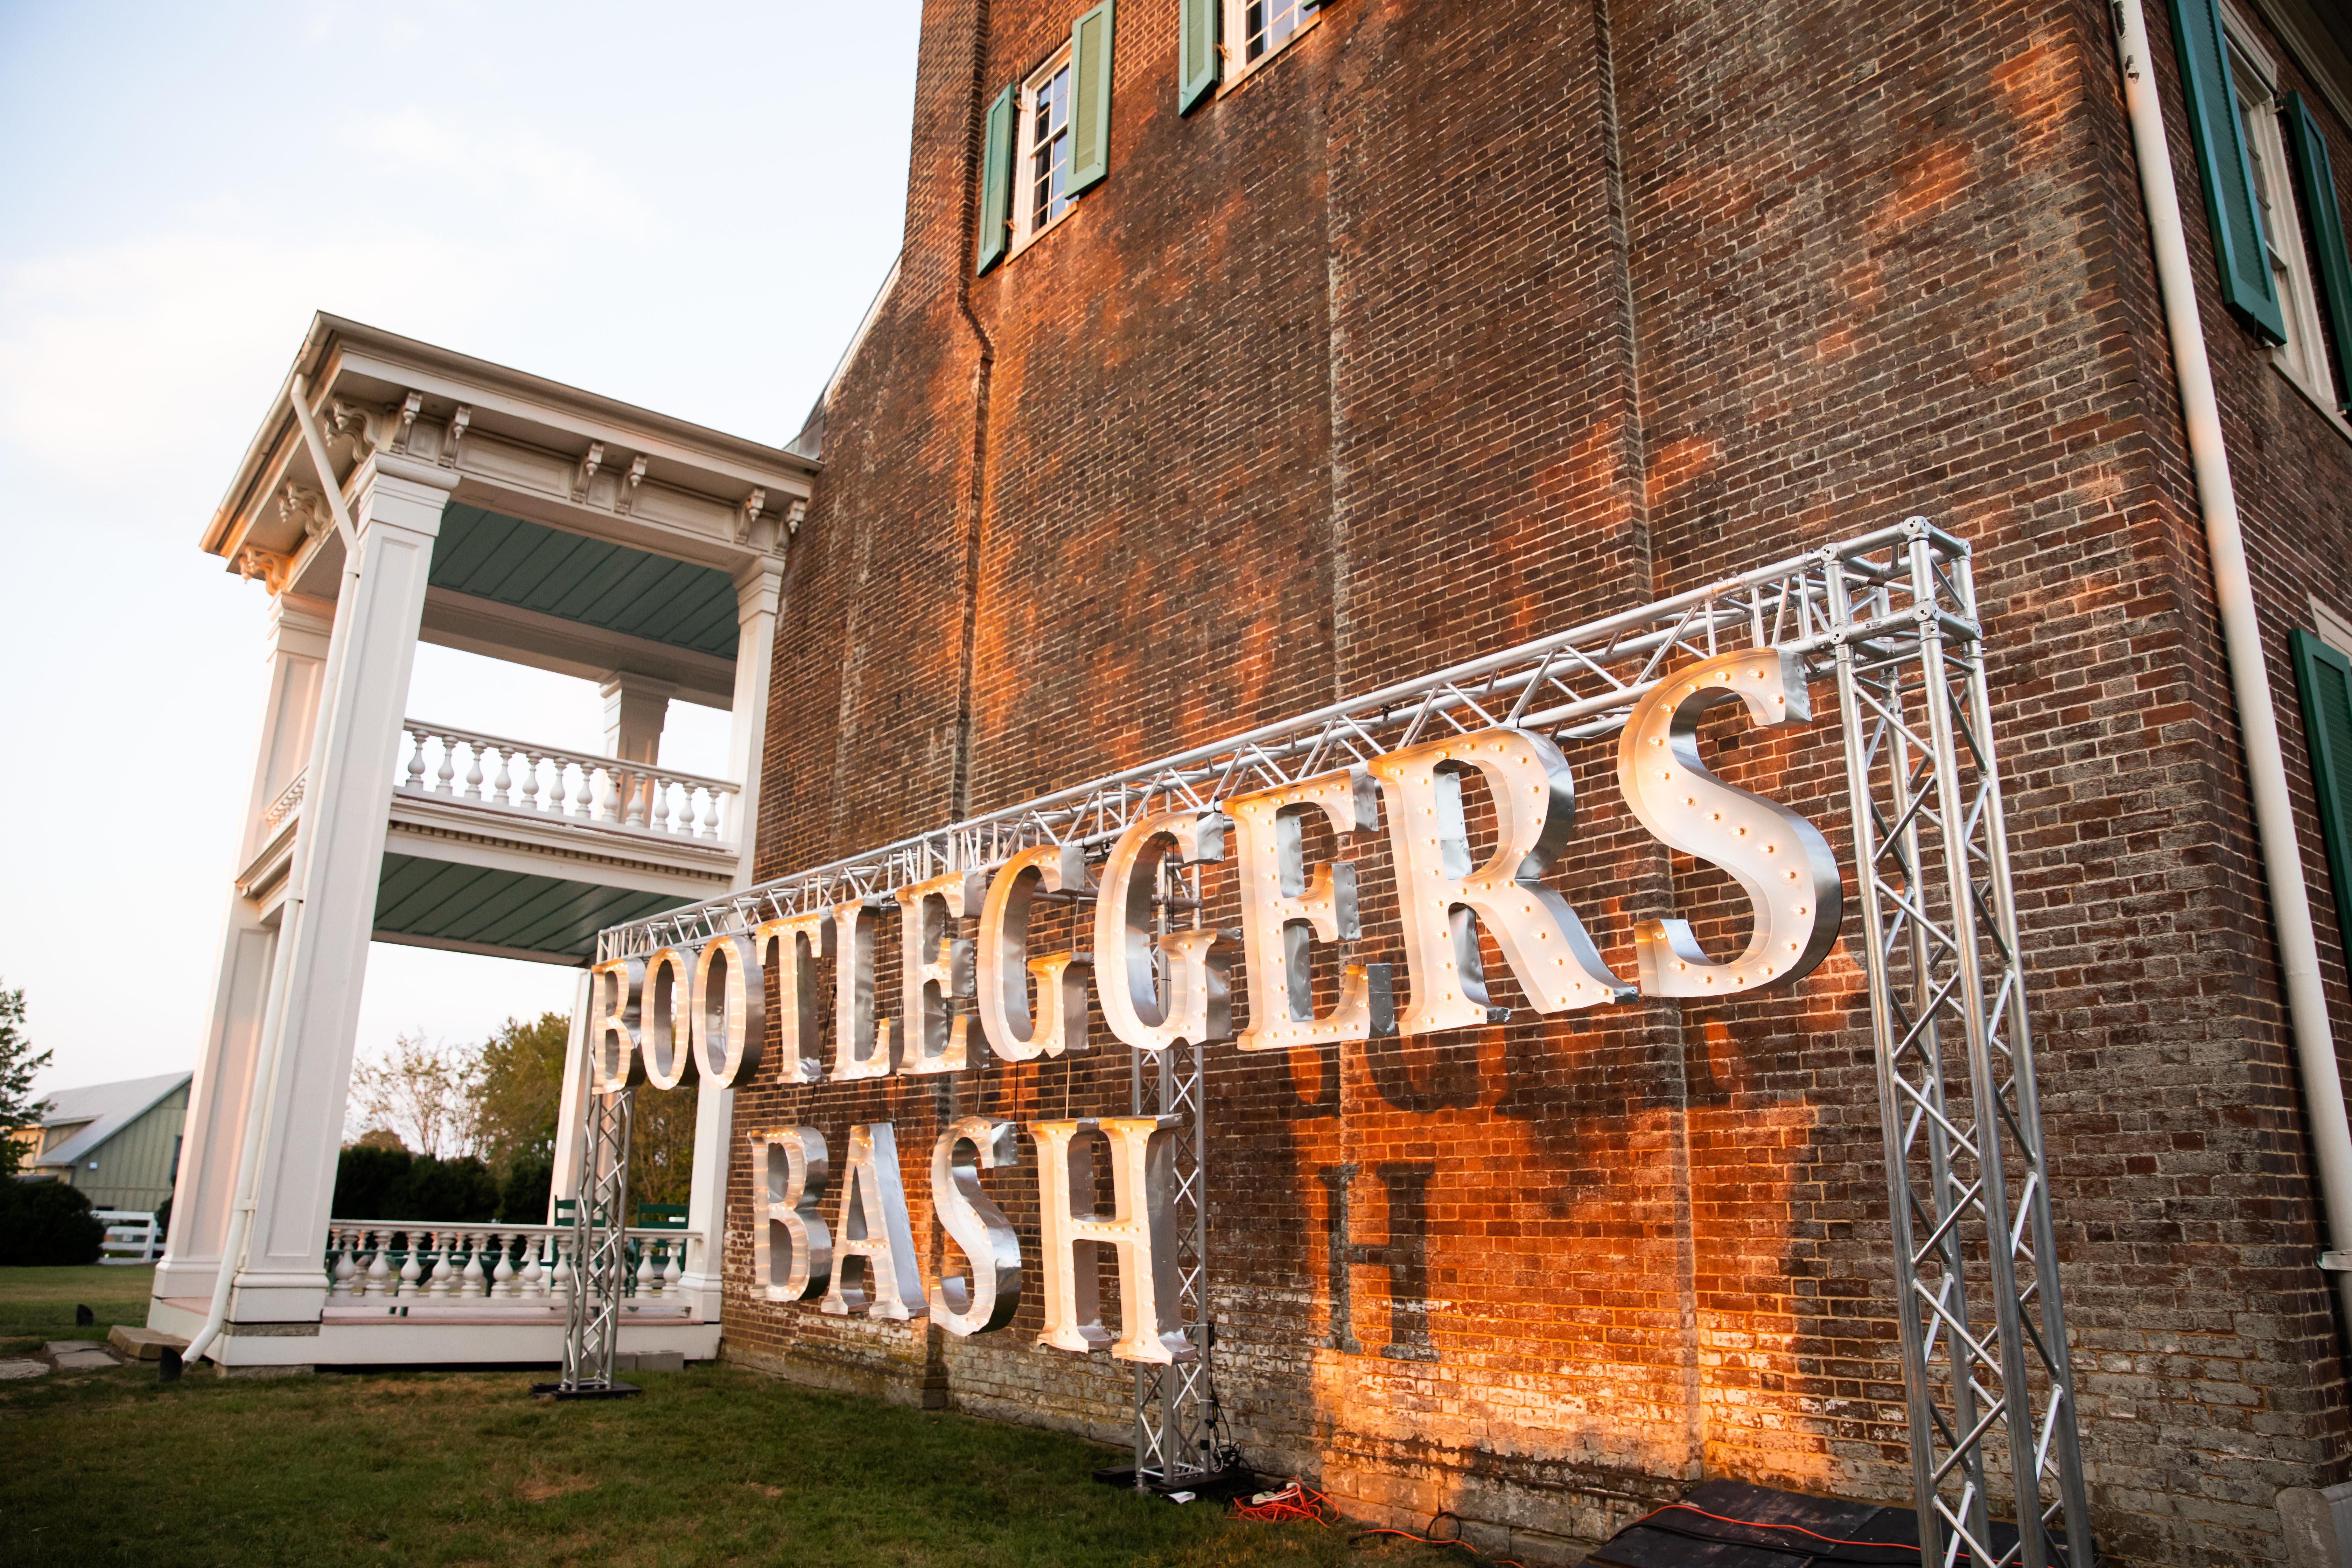 Bootlegger's Bash 2021